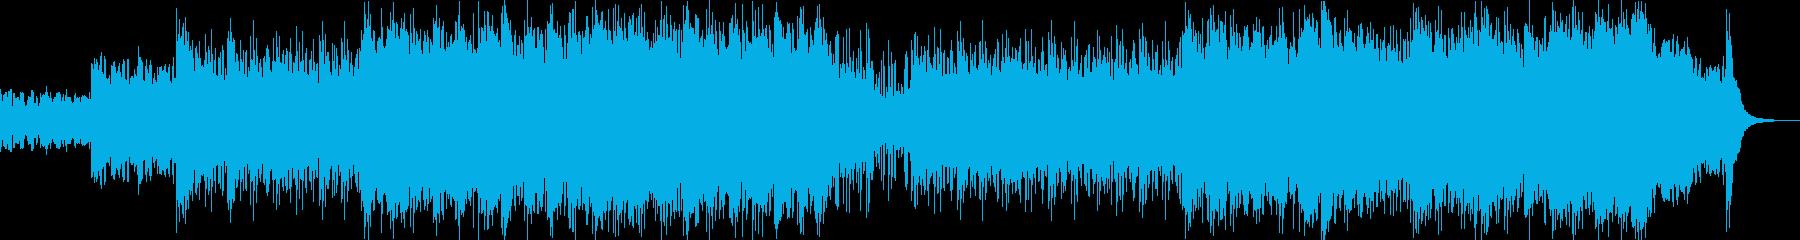 炸裂するギターソロ、ロックの中のロックの再生済みの波形